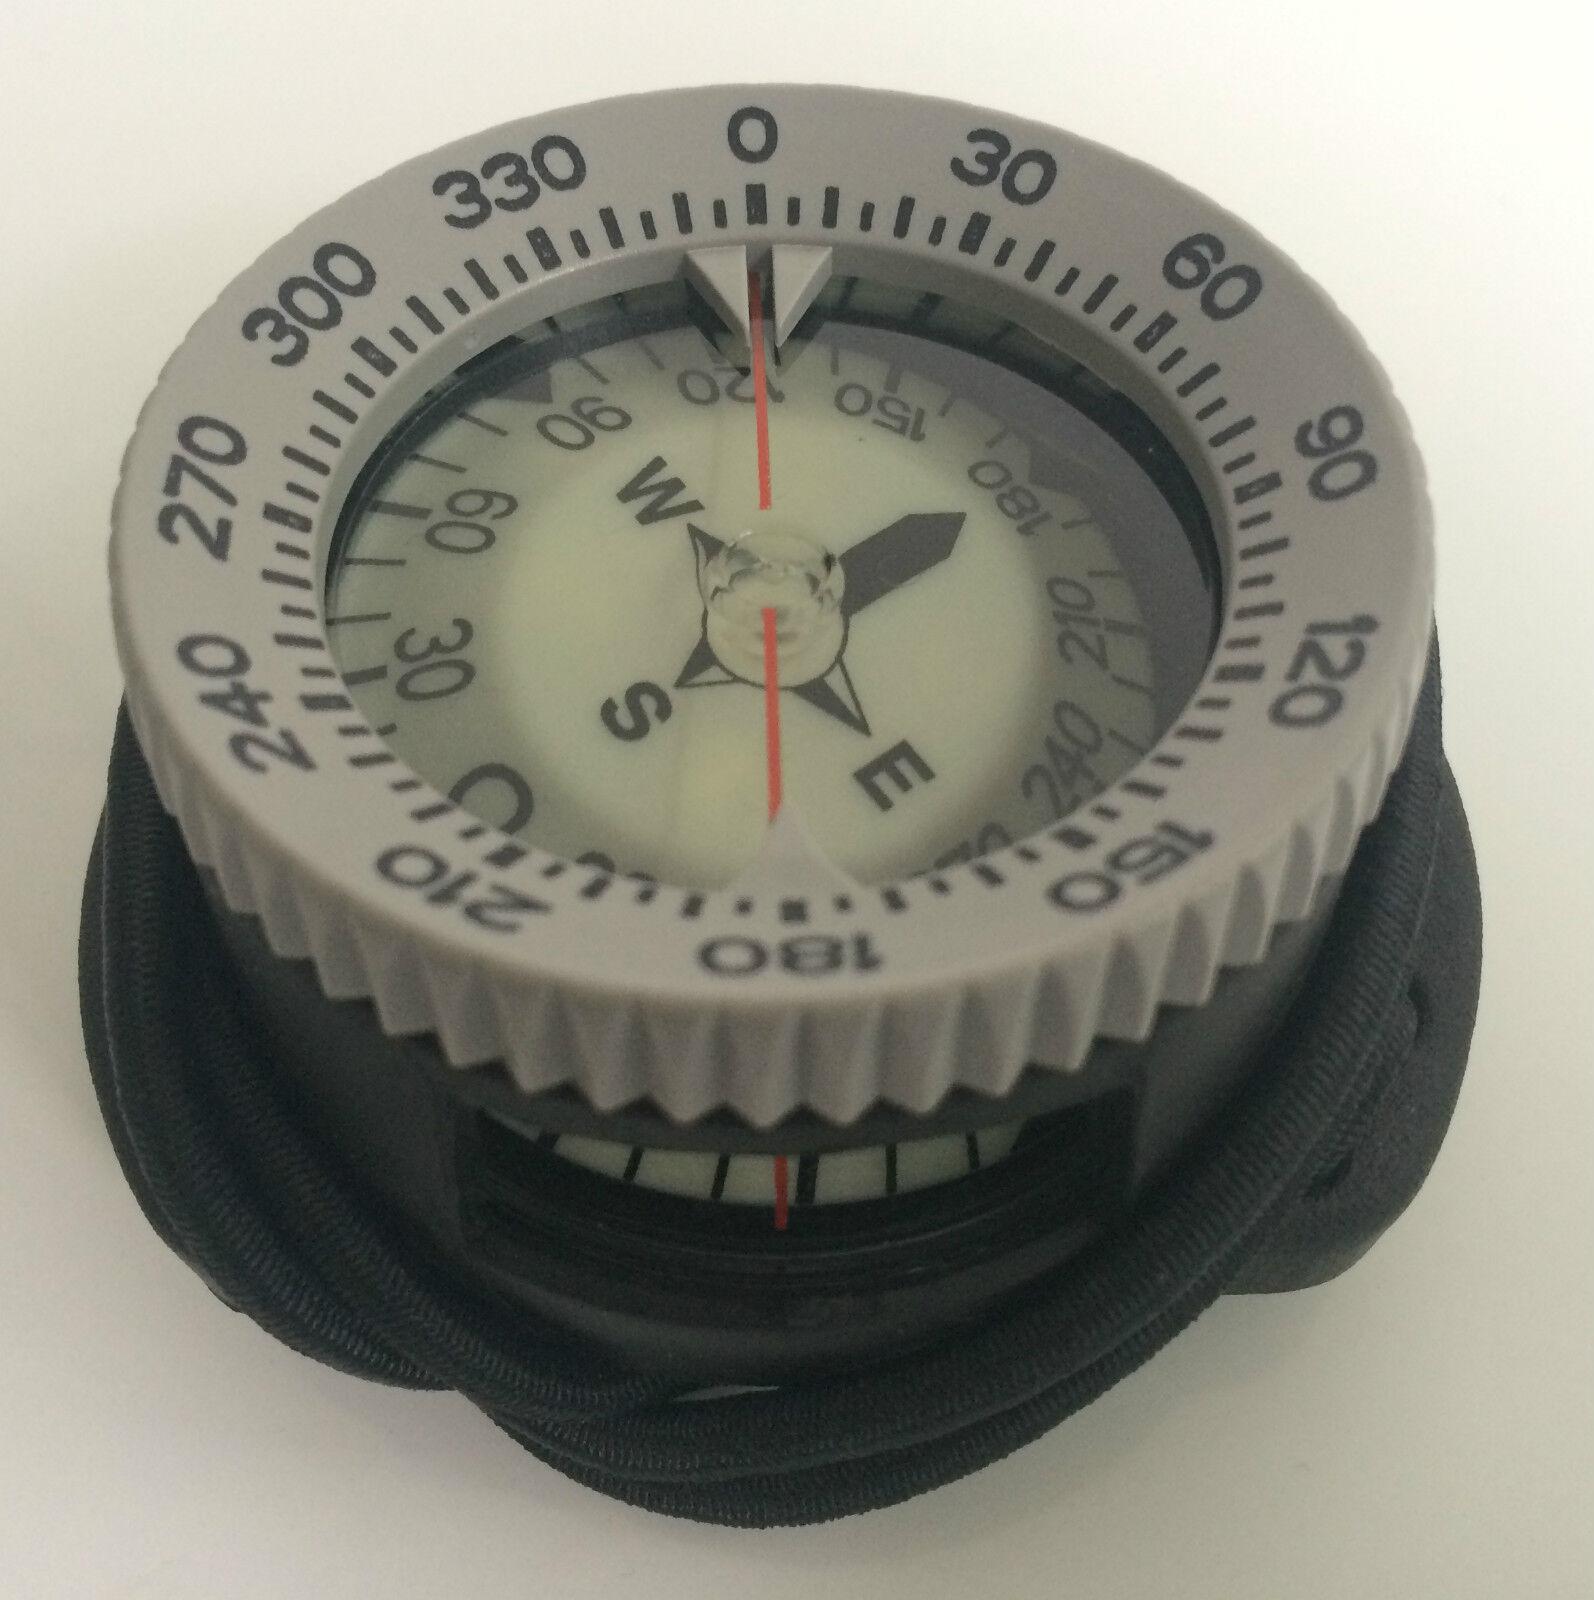 Polaris Taucherkompass Pro Bungee Bungeekompass + - 30° maximale Neigung Compass